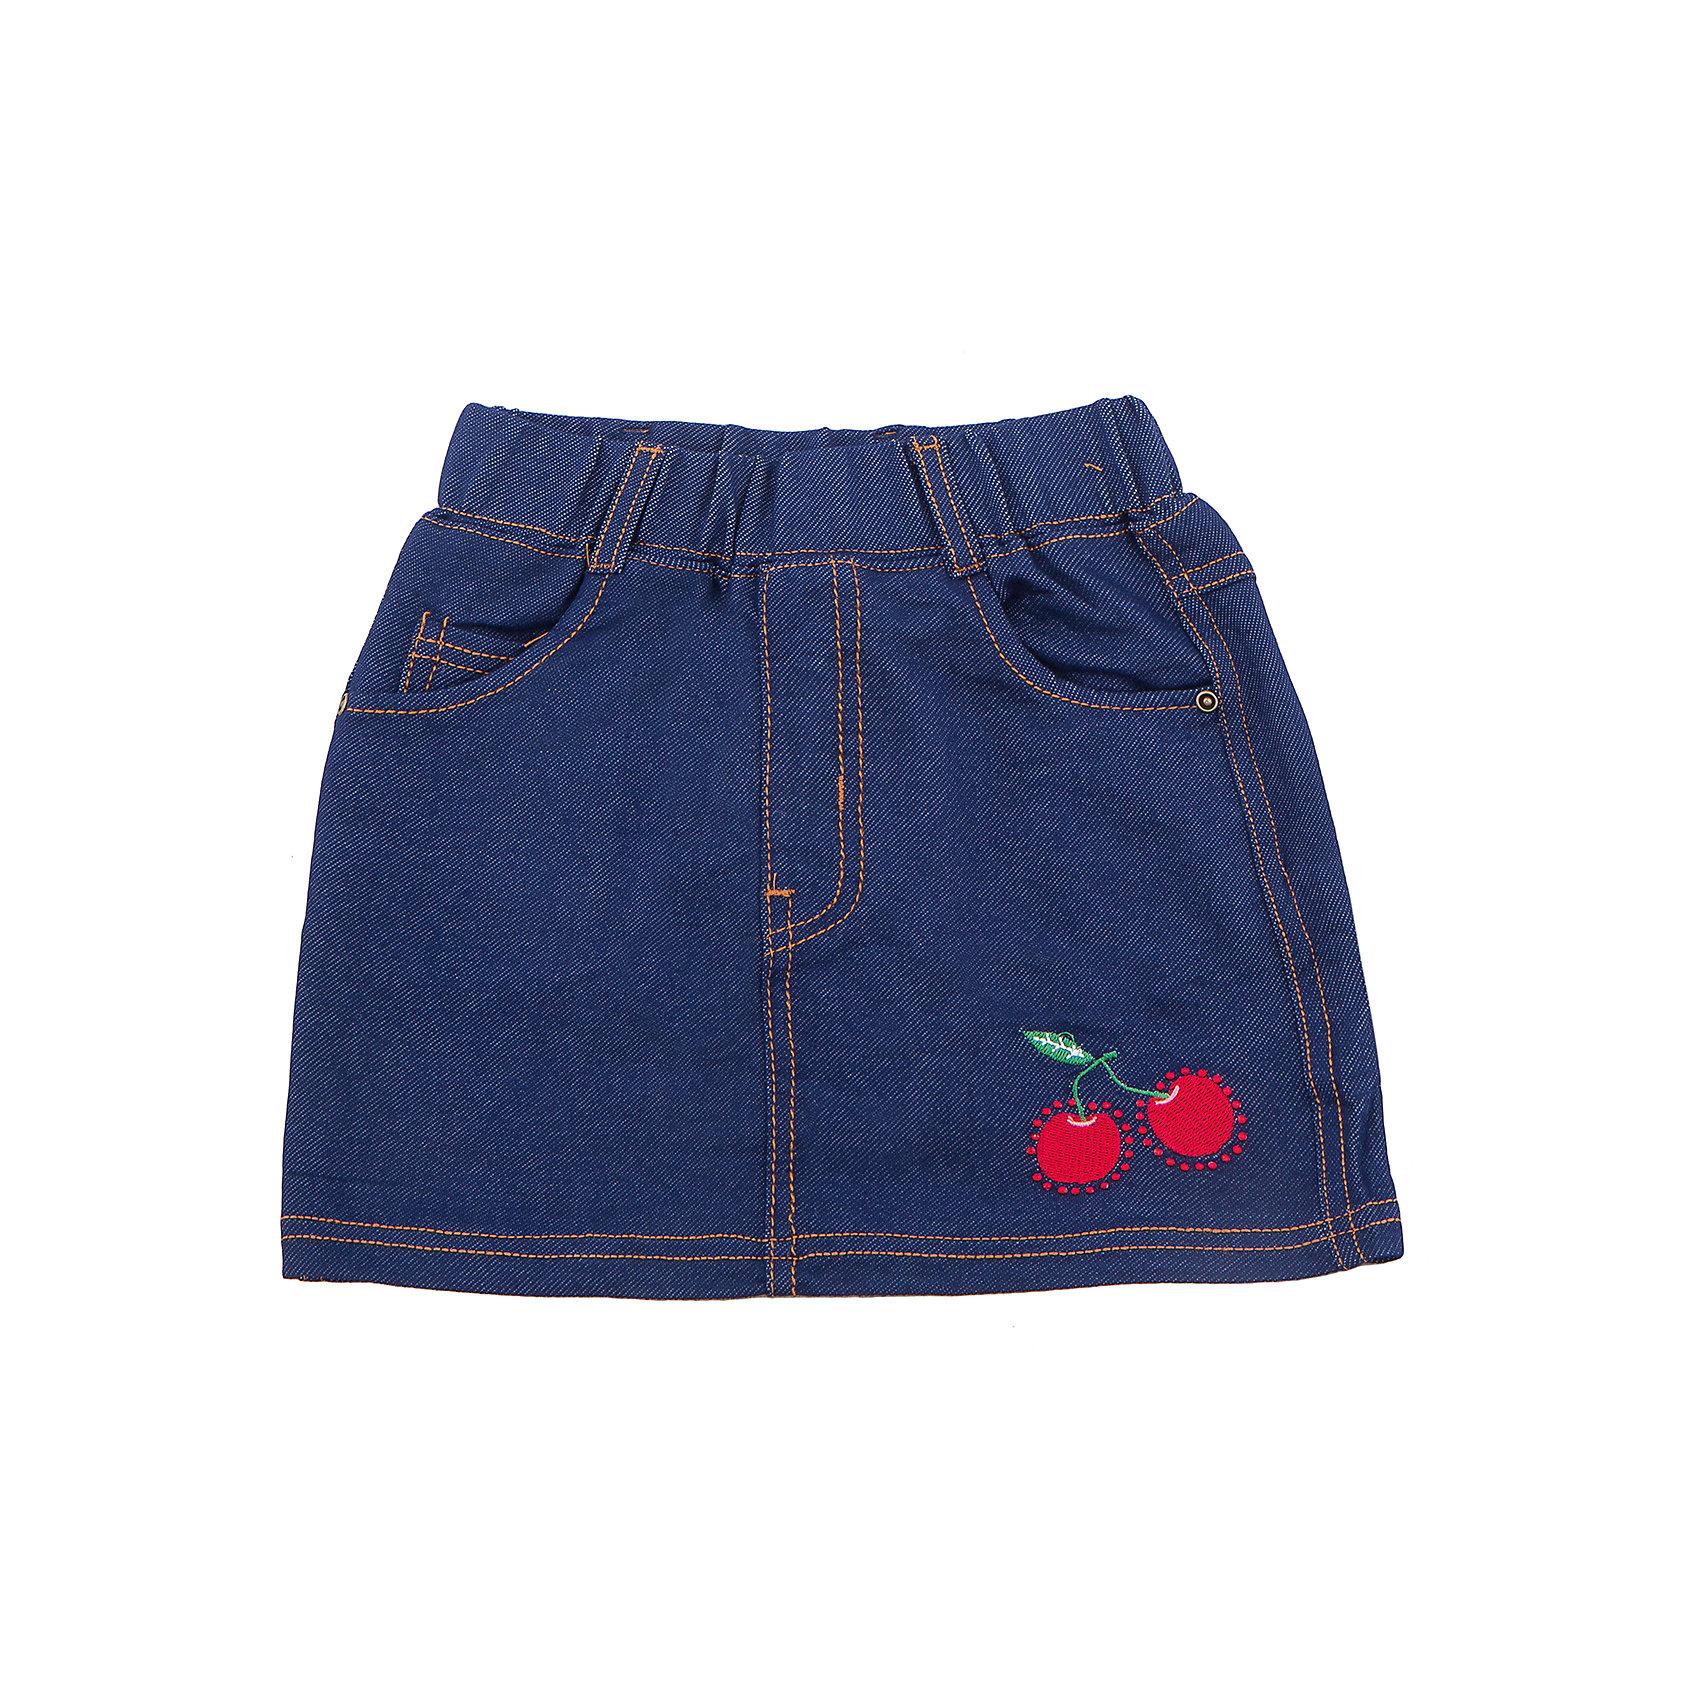 Юбка джинсовая для девочки Sweet BerryДжинсовая одежда<br>Трикотажная юбка для девочки с контрастной отсрочкой.<br>Состав:<br>95%хлопок 5%эластан<br><br>Ширина мм: 207<br>Глубина мм: 10<br>Высота мм: 189<br>Вес г: 183<br>Цвет: синий<br>Возраст от месяцев: 36<br>Возраст до месяцев: 48<br>Пол: Женский<br>Возраст: Детский<br>Размер: 104,98,110,116,122,128<br>SKU: 5409949